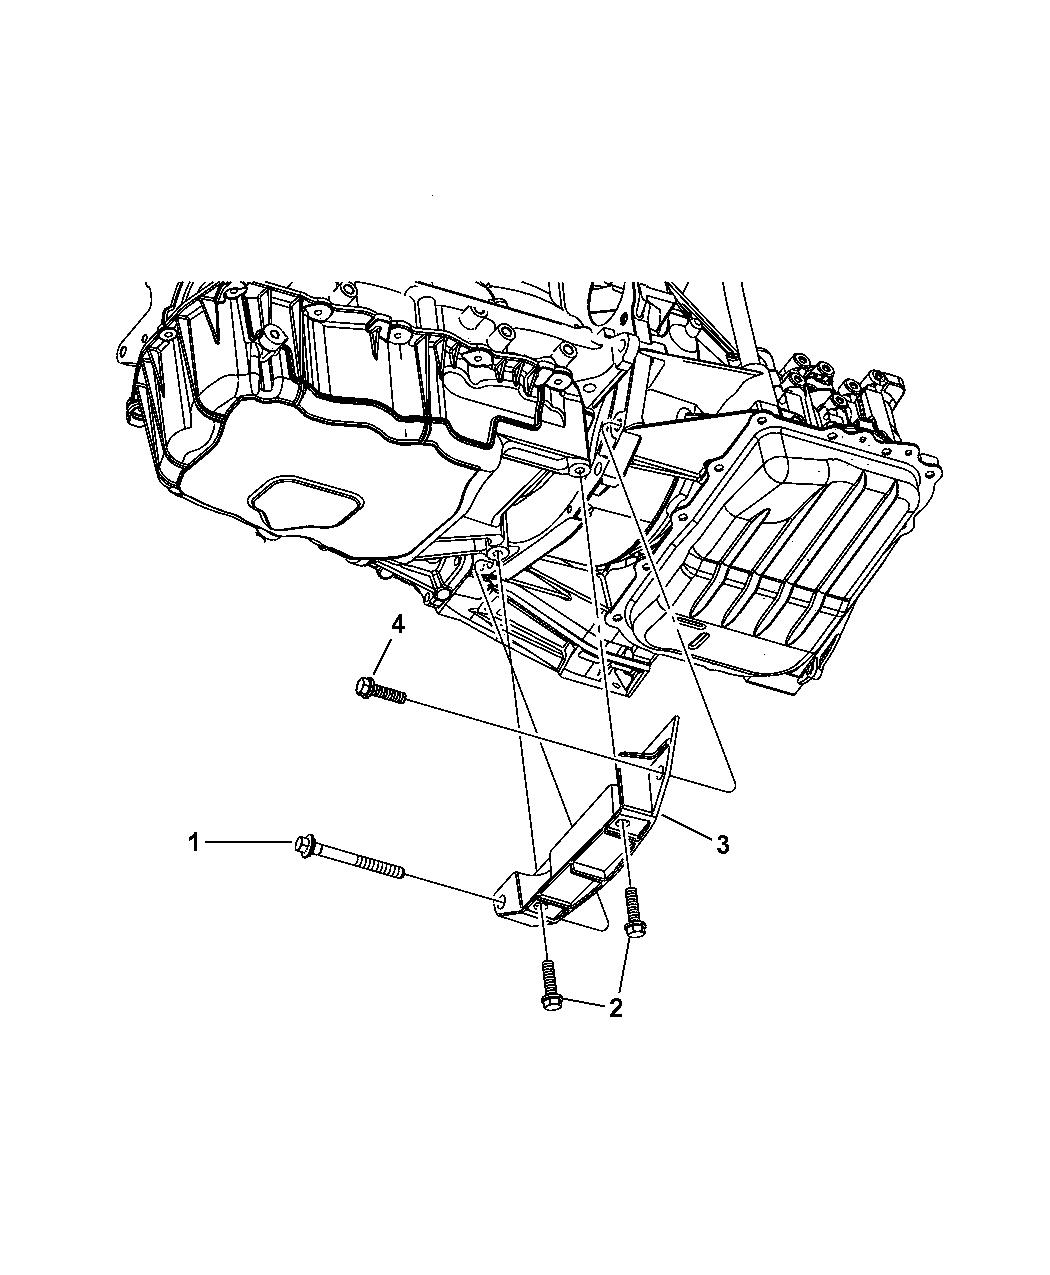 2004 Dodge Grand Caravan Structural Collar Mopar Parts Giant Engine Schematics